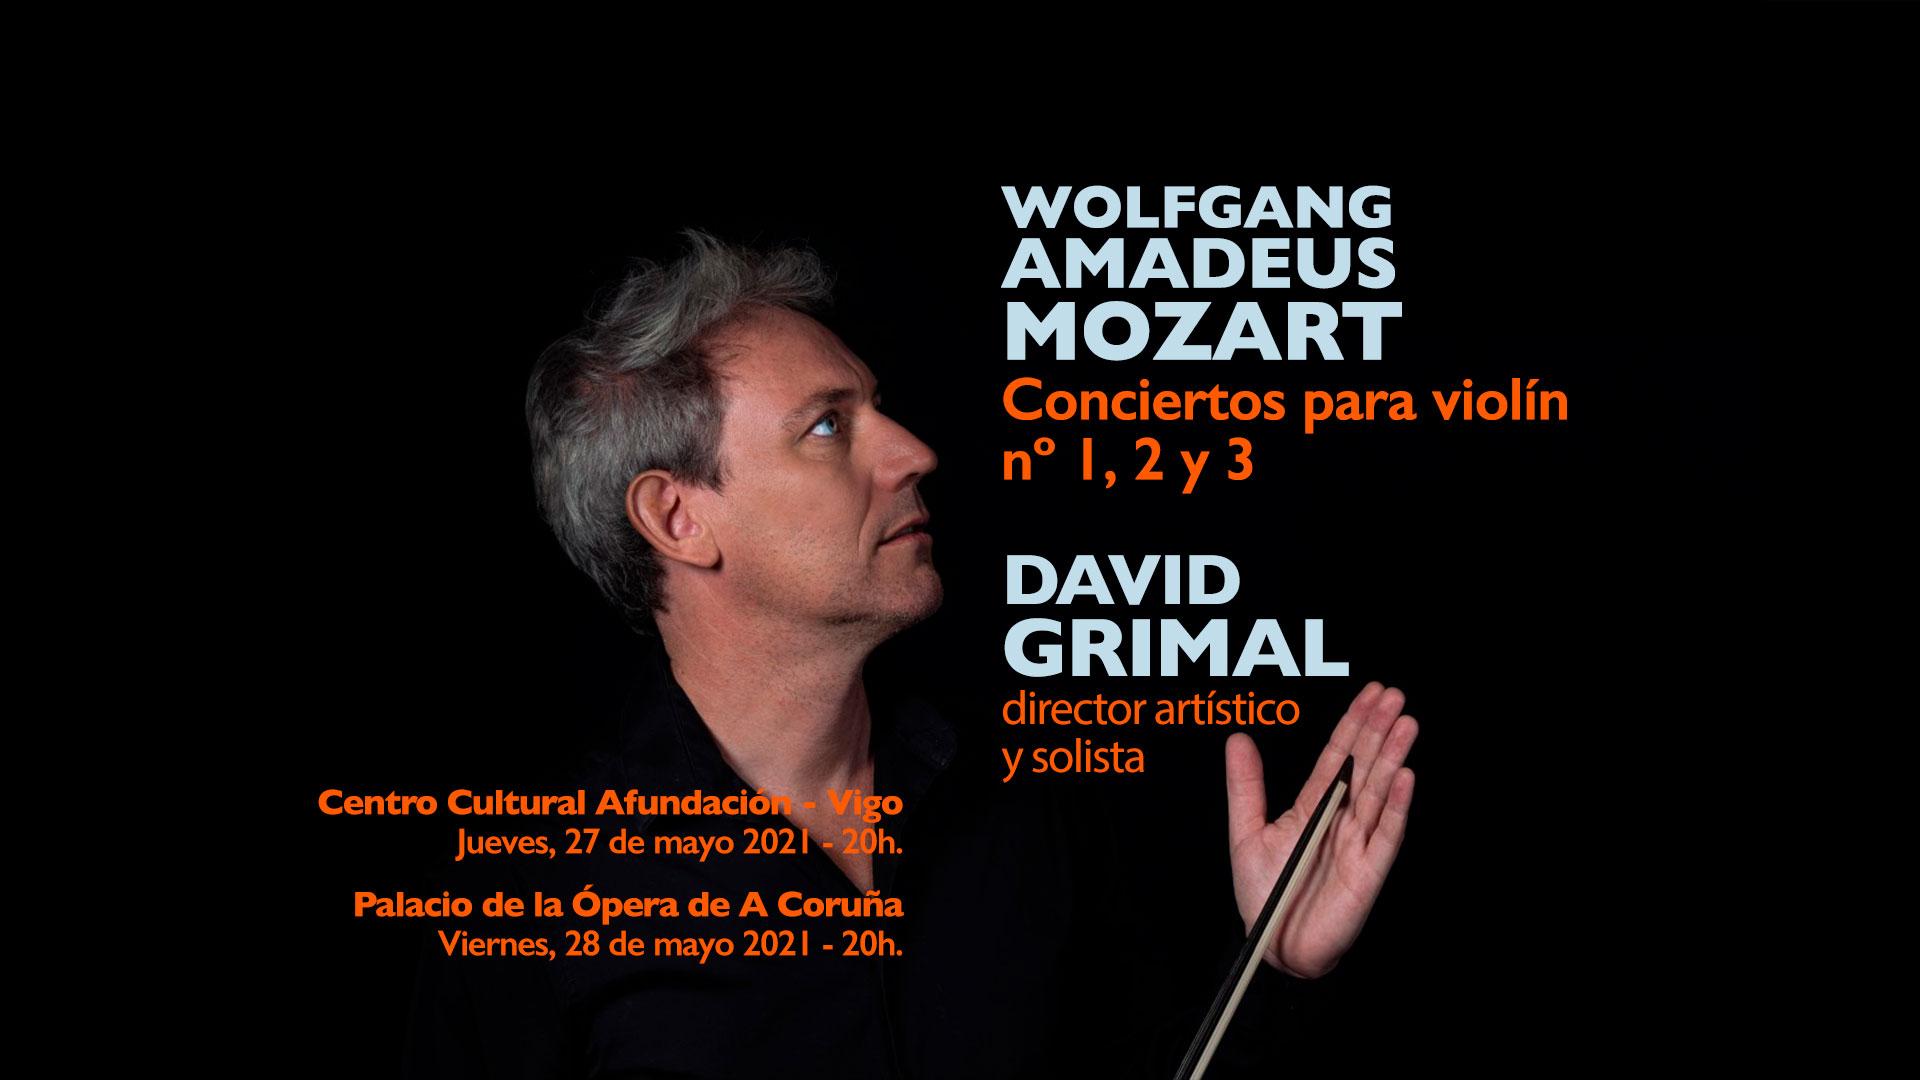 Concierto en Vigo - Centro Cultural Afundación